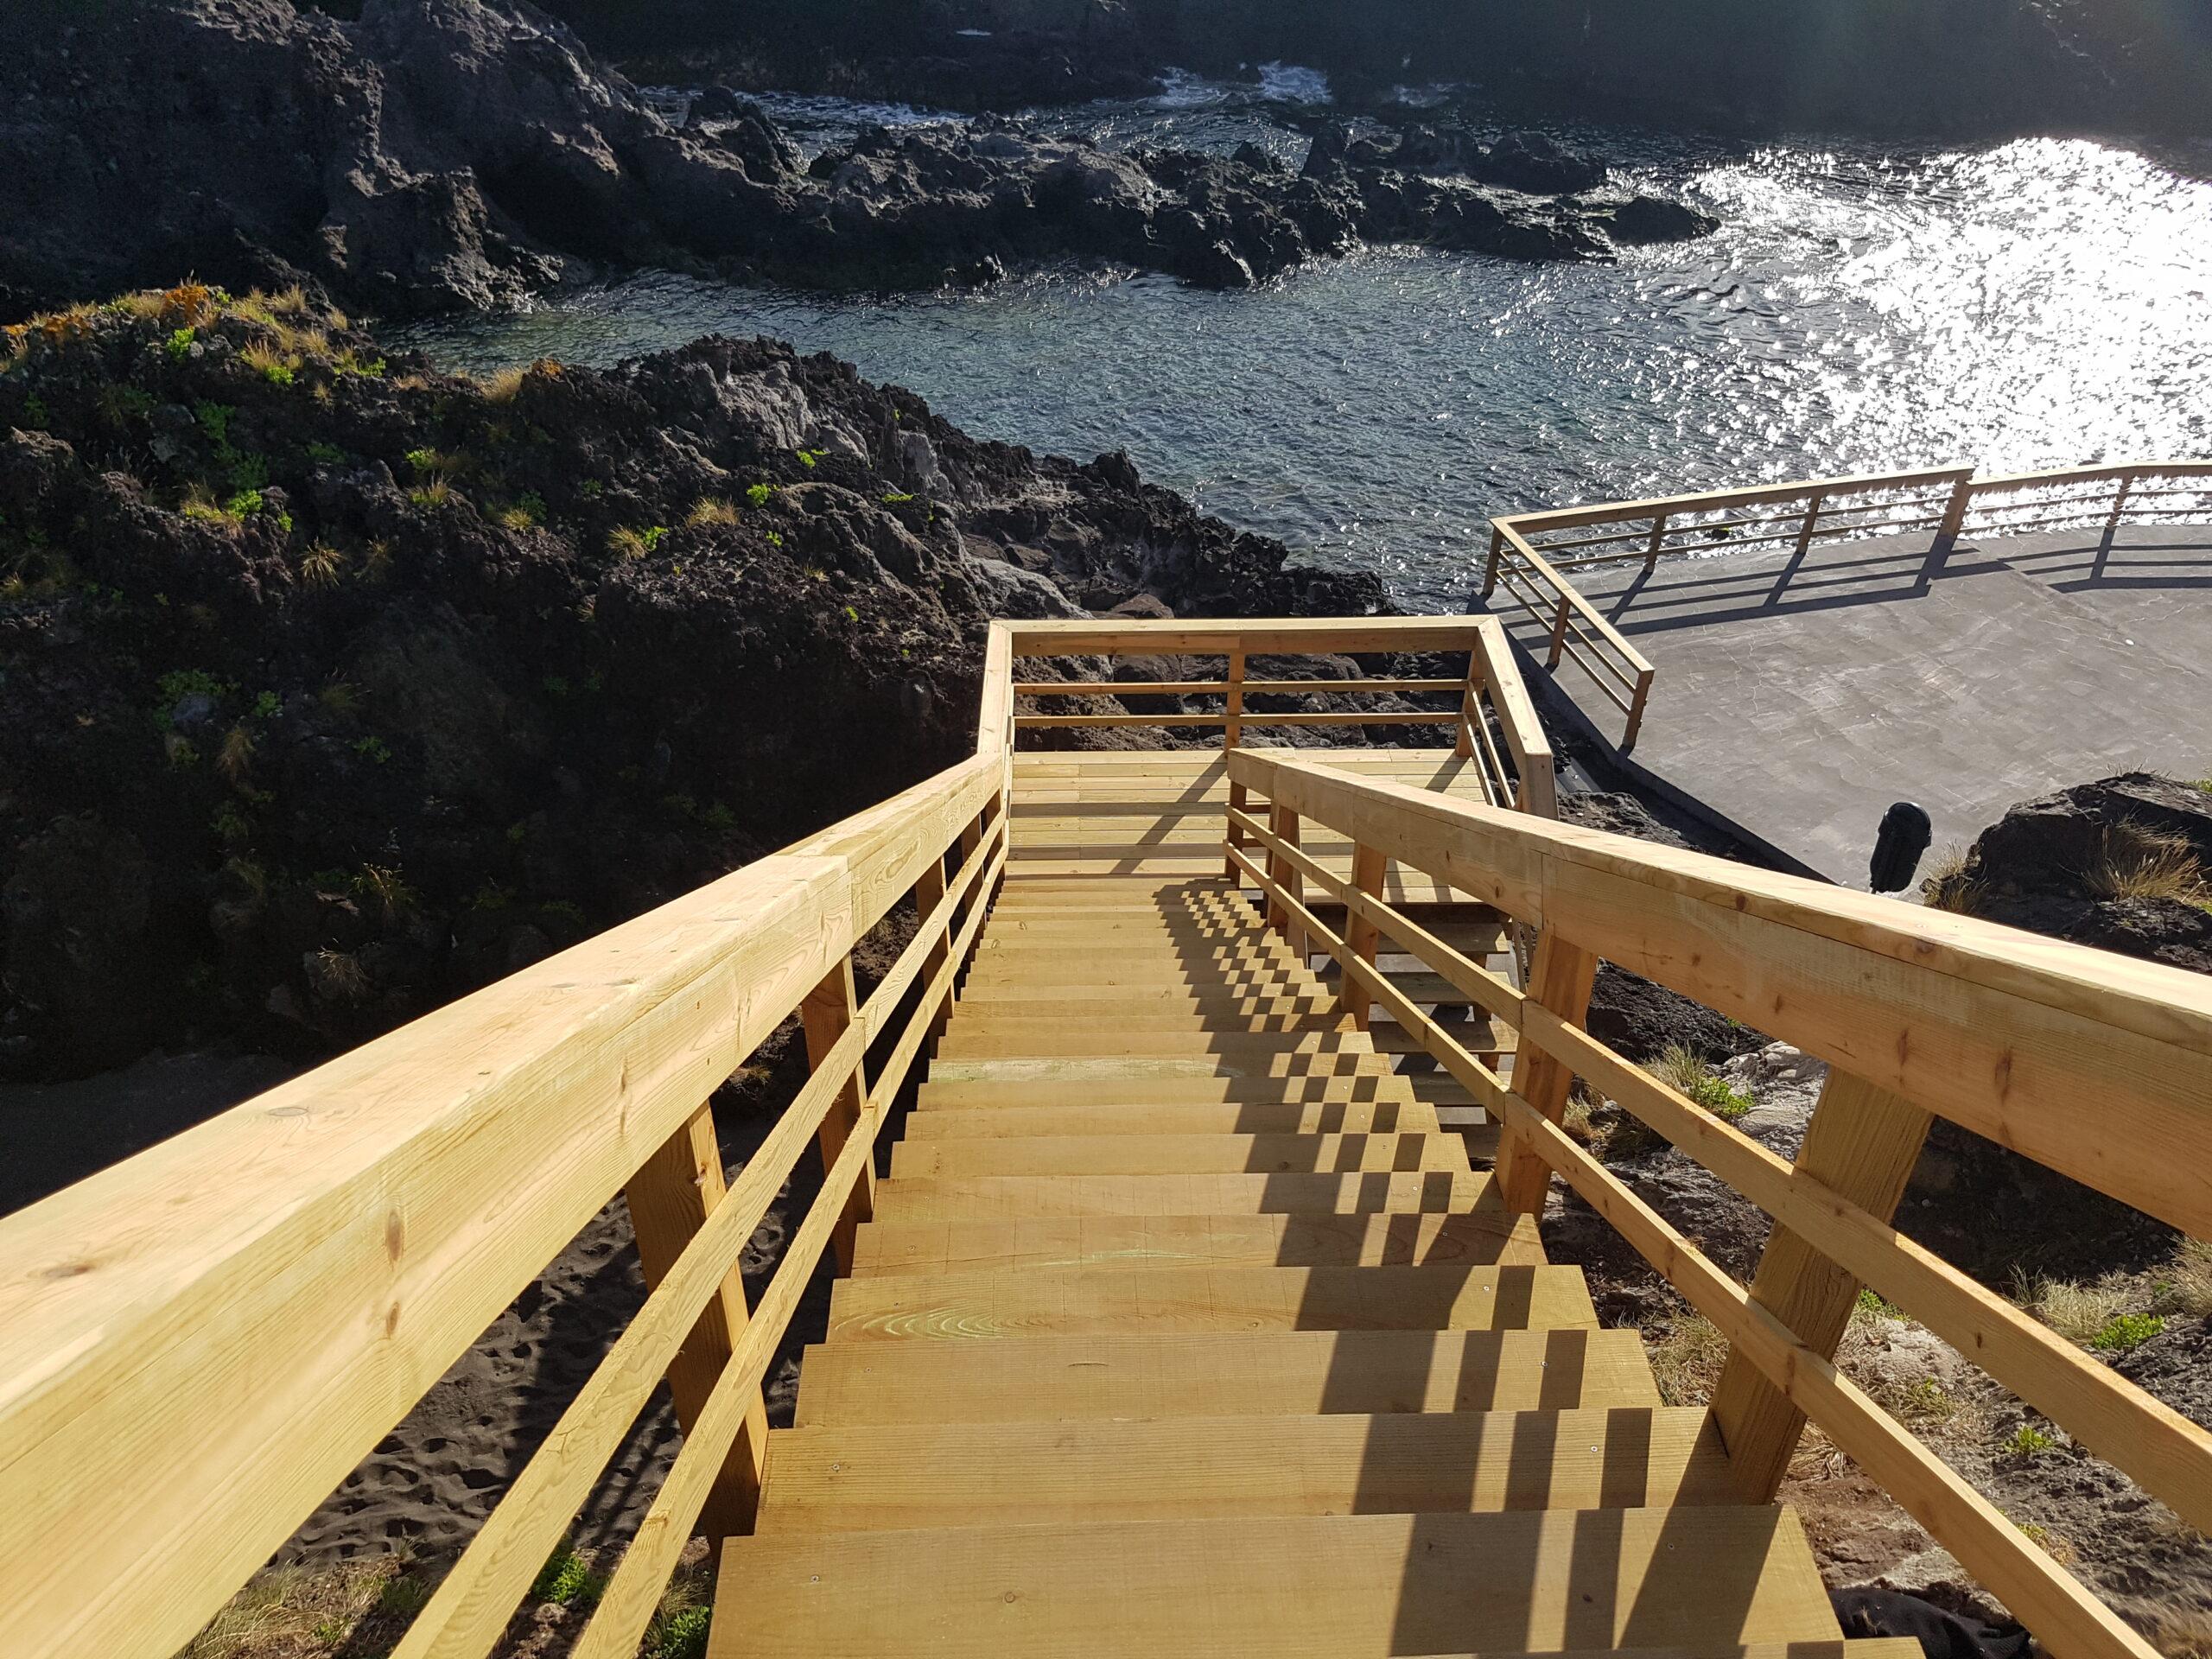 Piscinas Naturais da Salema - Santa Cruz das Flores - Ilha das Flores - Açores